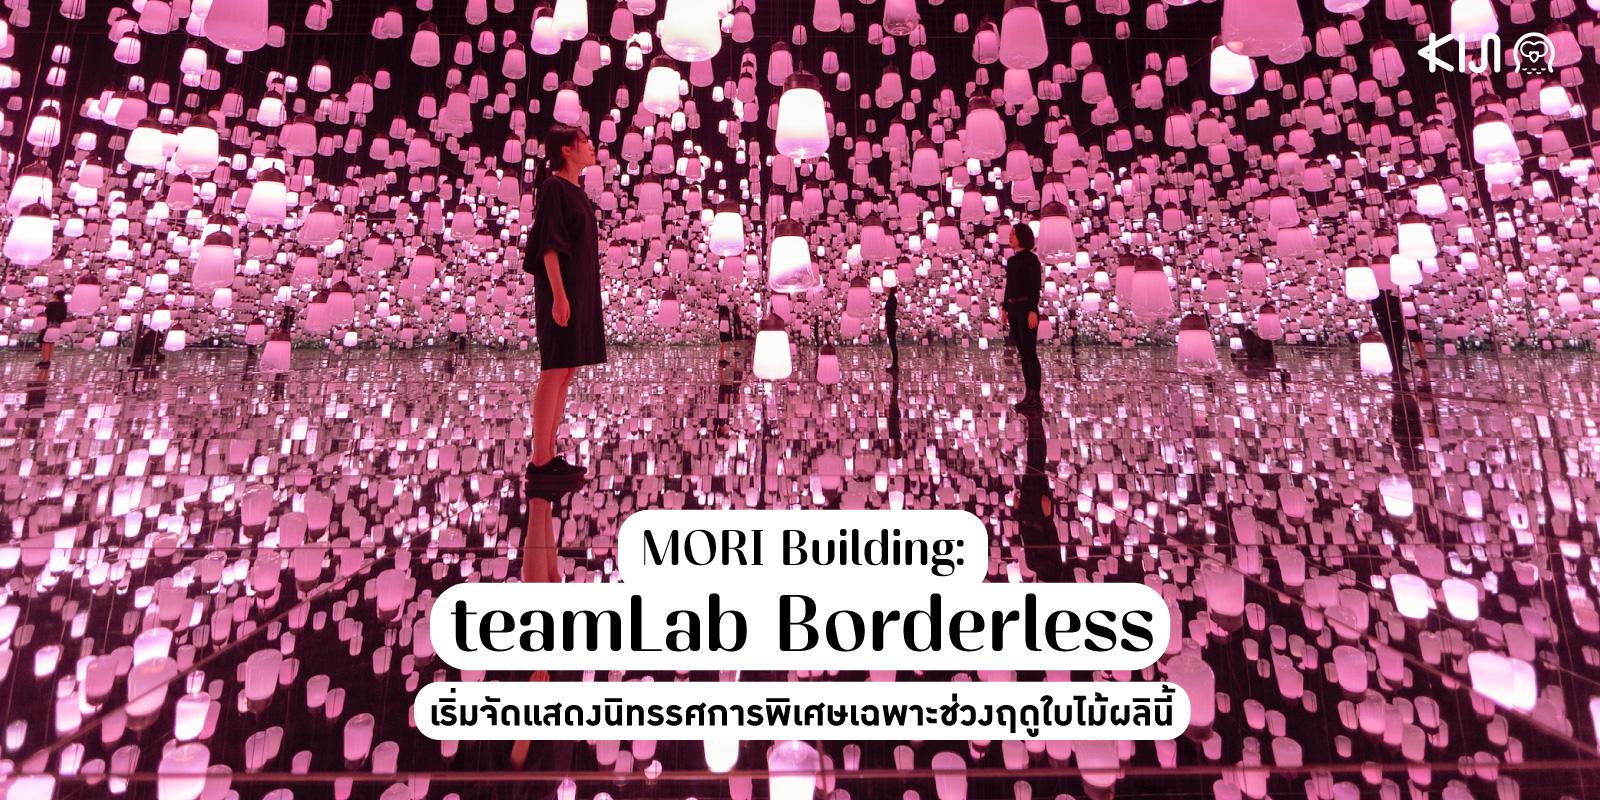 MORI Building: teamLab Borderless ณ กรุงโตเกียว